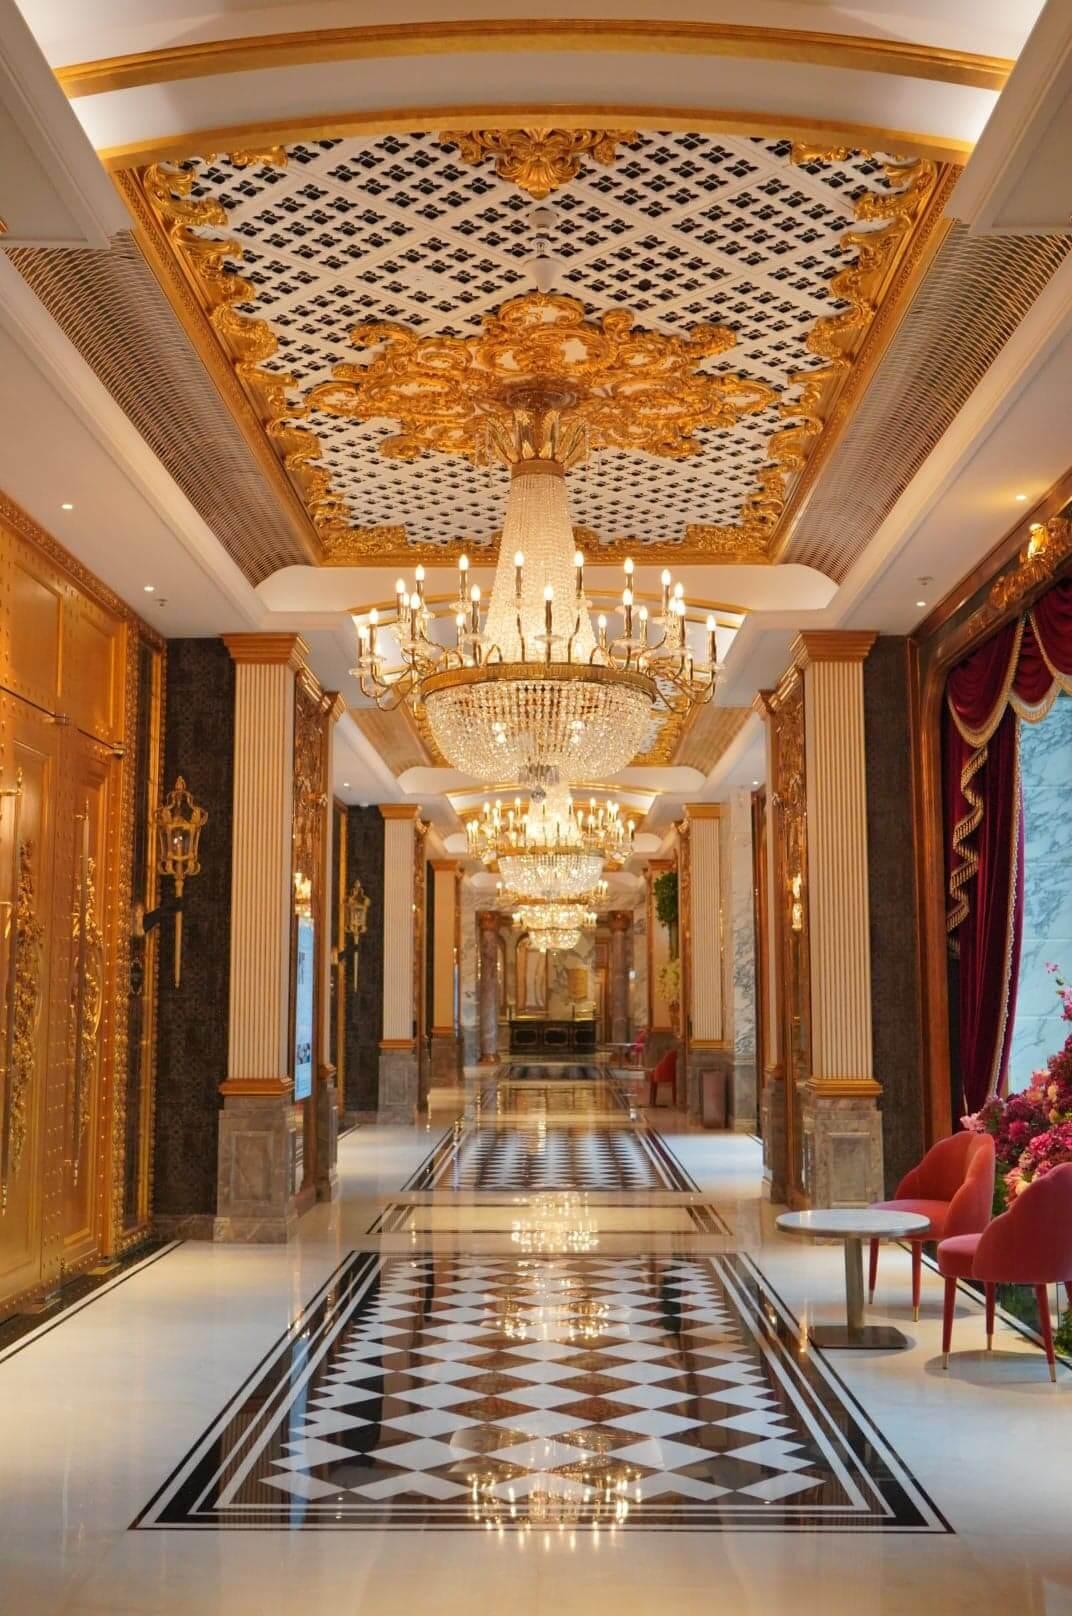 歷山酒店每個位置都金雕玉砌,令人猶如步入歐洲皇宮。